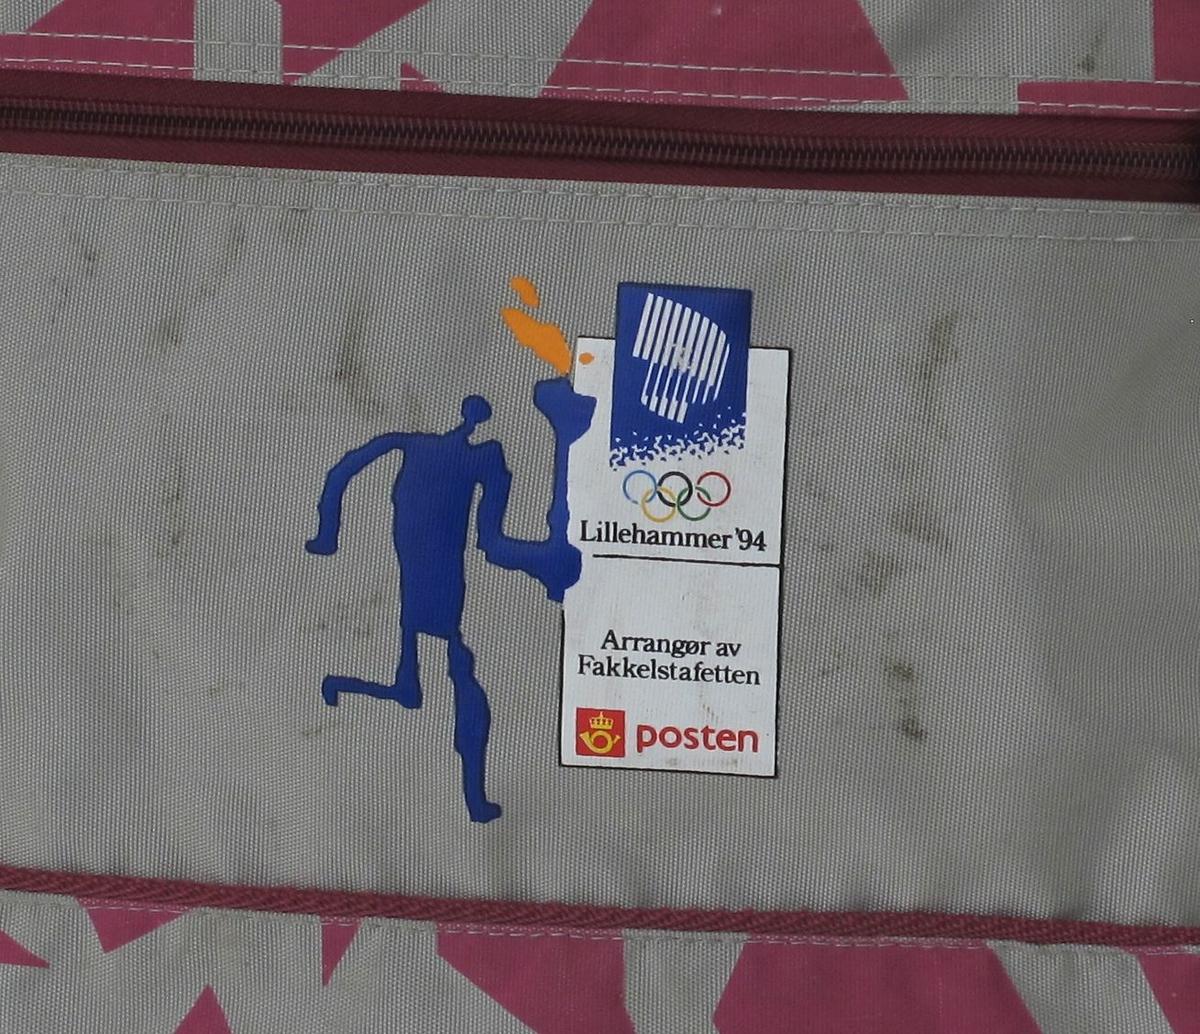 Helleristningsaktig figur som løper med tent fakkel. OL-logo 1994 med nordlys og ringer.